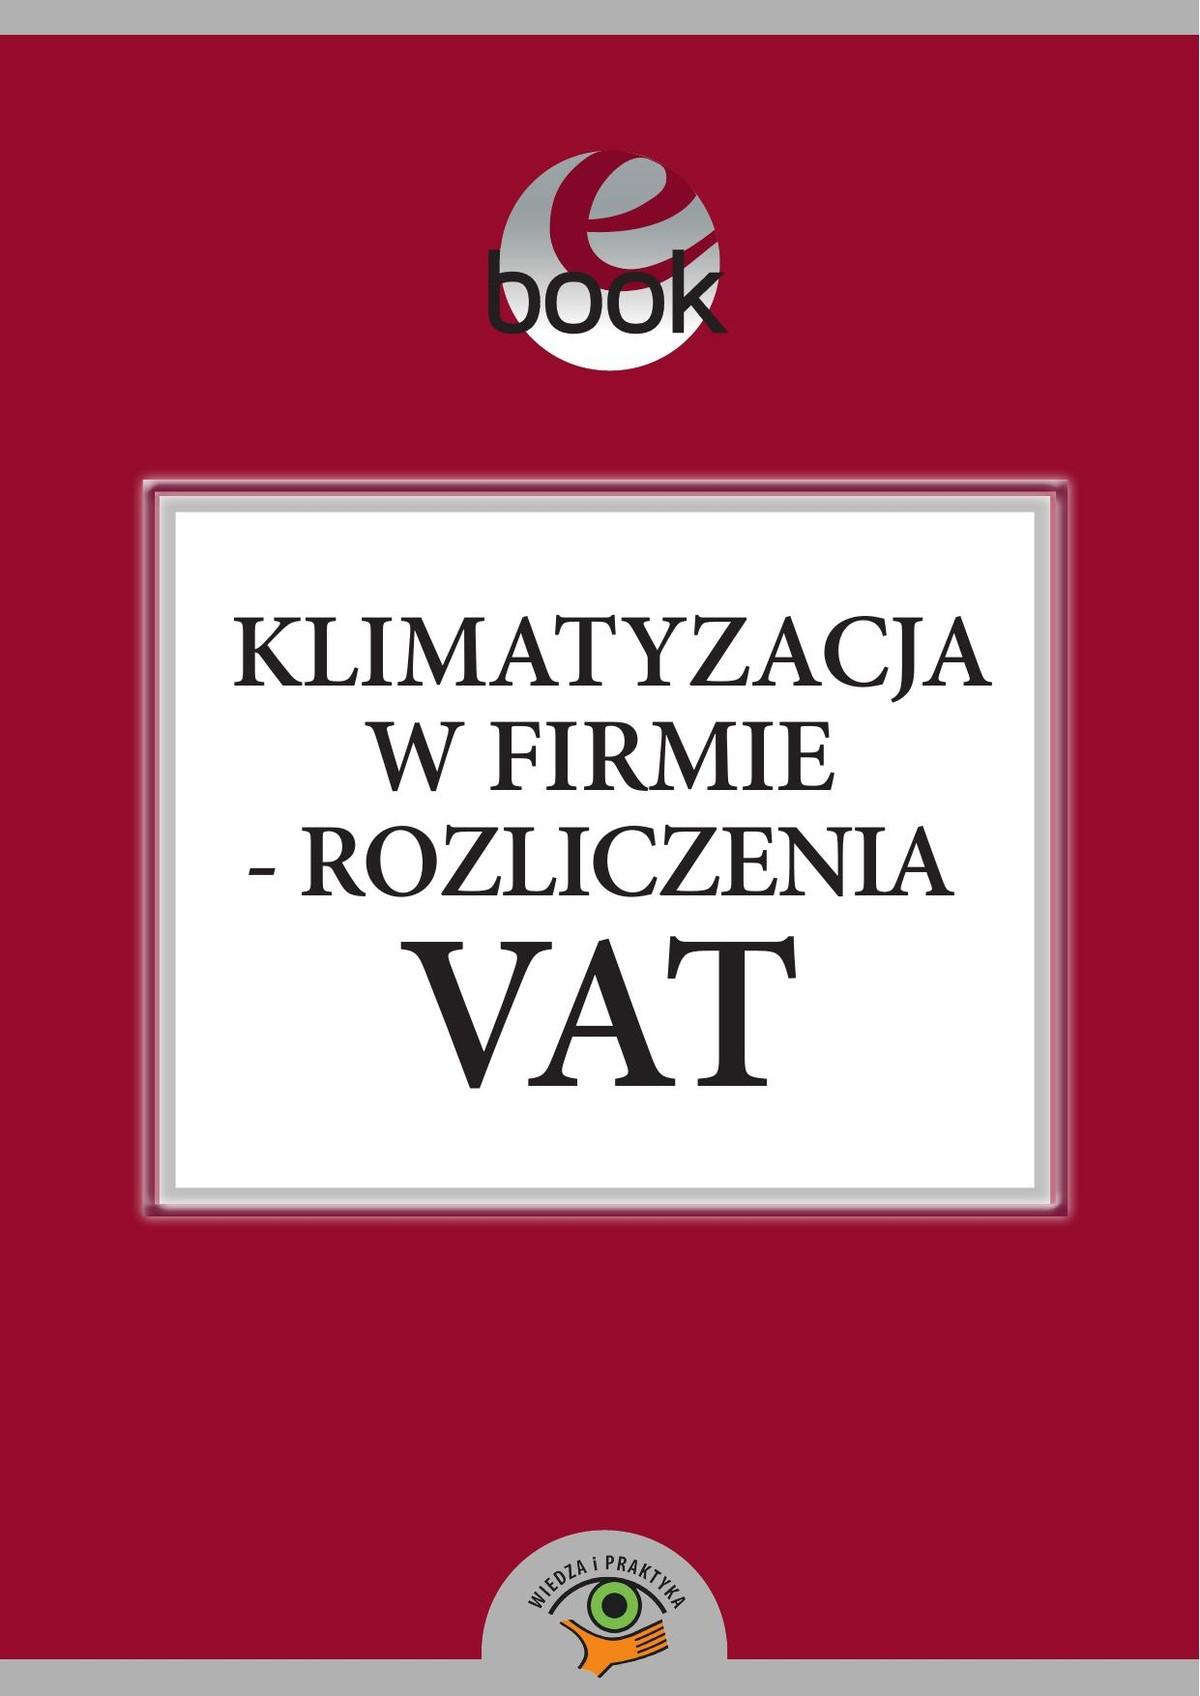 Klimatyzacja w firmie - rozliczenia VAT ebook